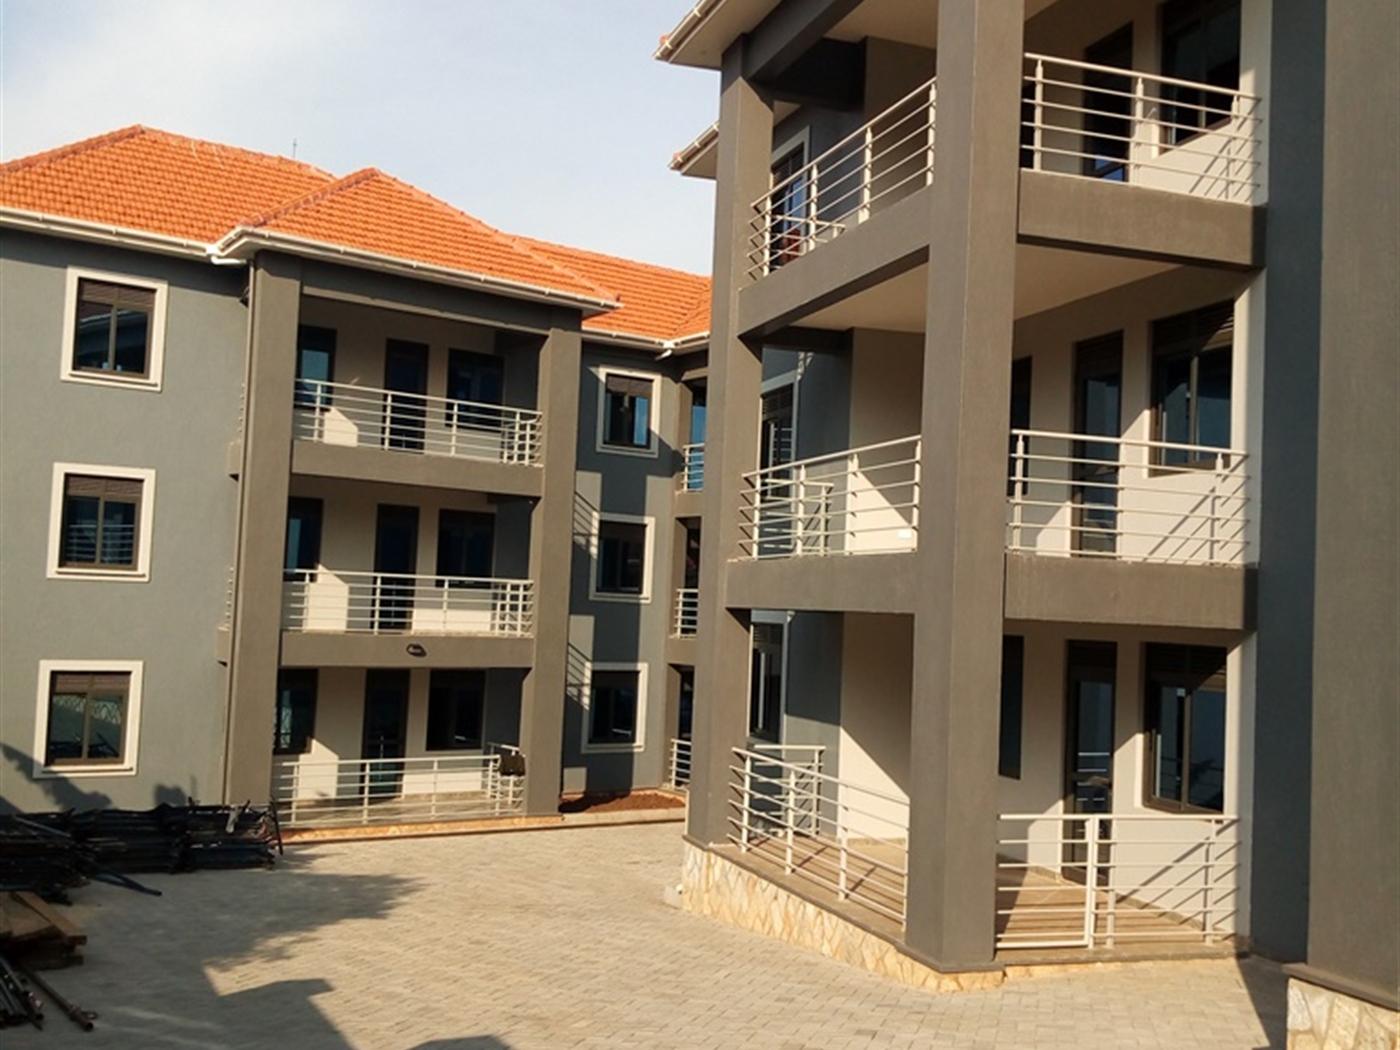 Apartment block for rent in Bukoto Kampala